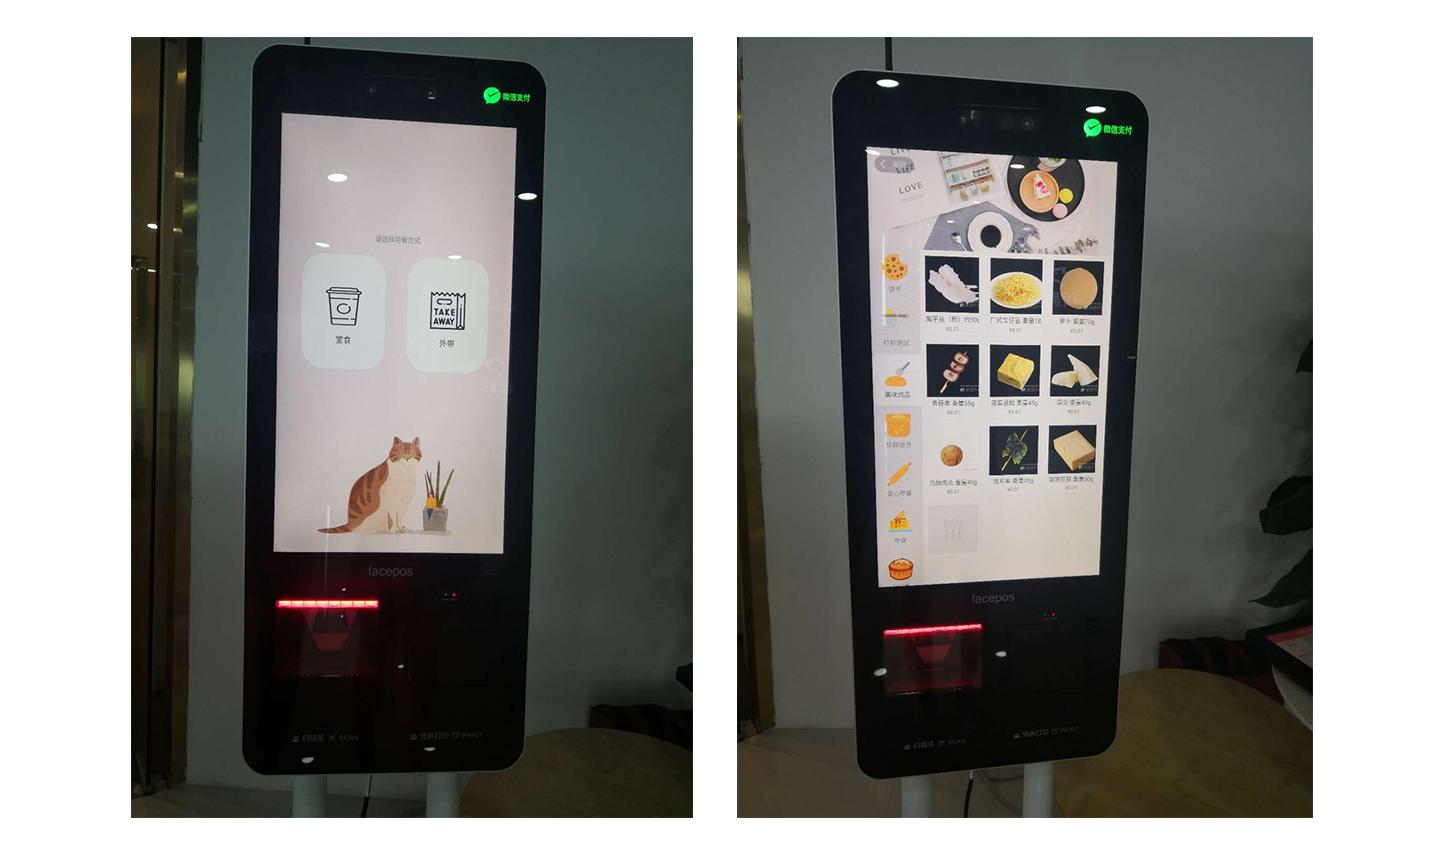 自助点单机—餐饮版页面配置-银豹博客